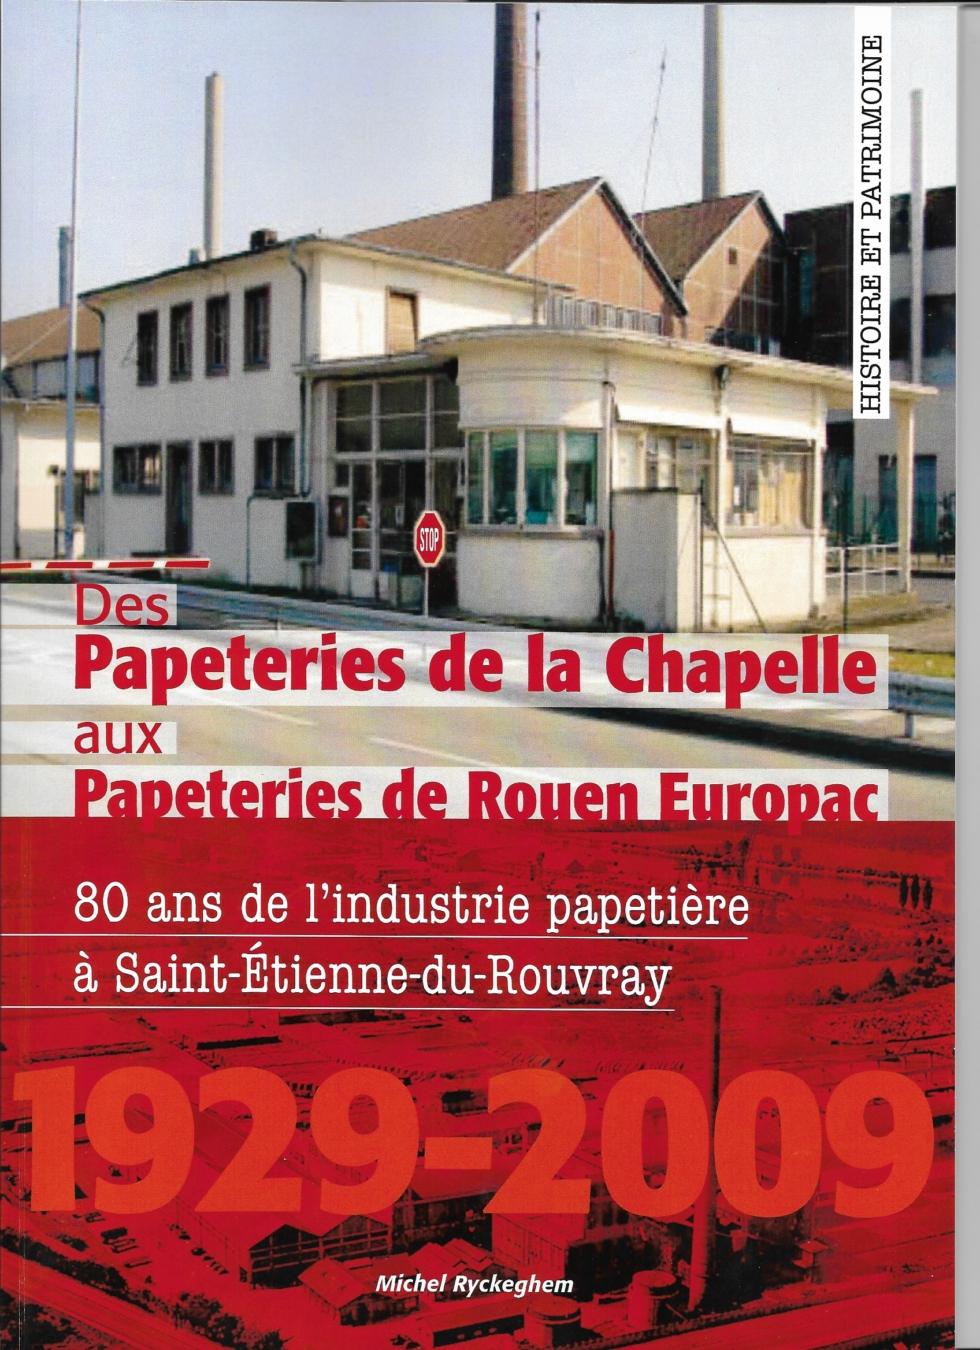 Des Papeteries de la Chapelle aux Papeteries de Rouen Europac